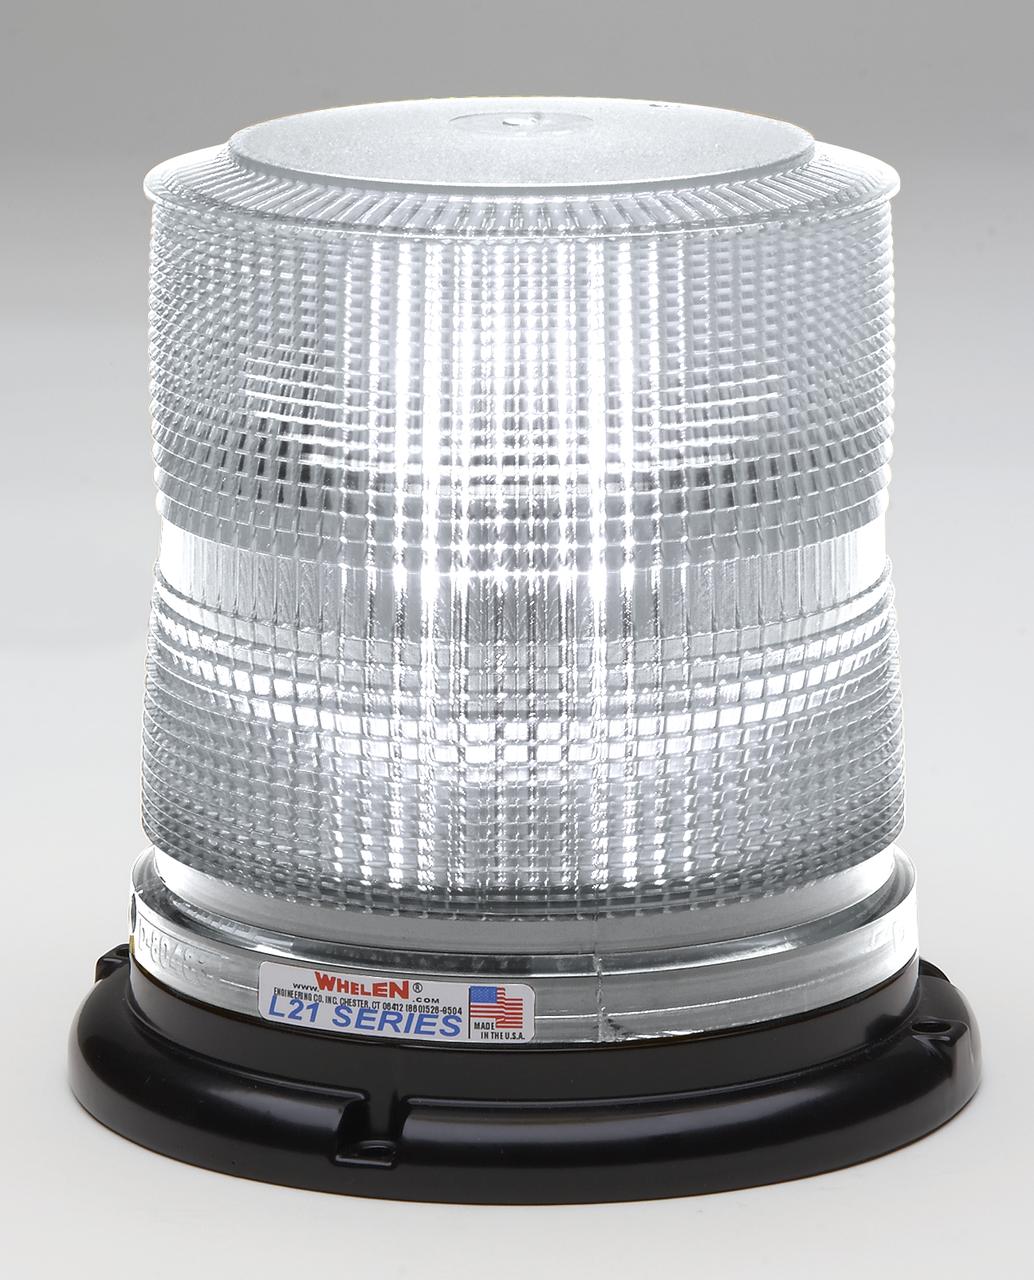 Whelen LED Beacon L21